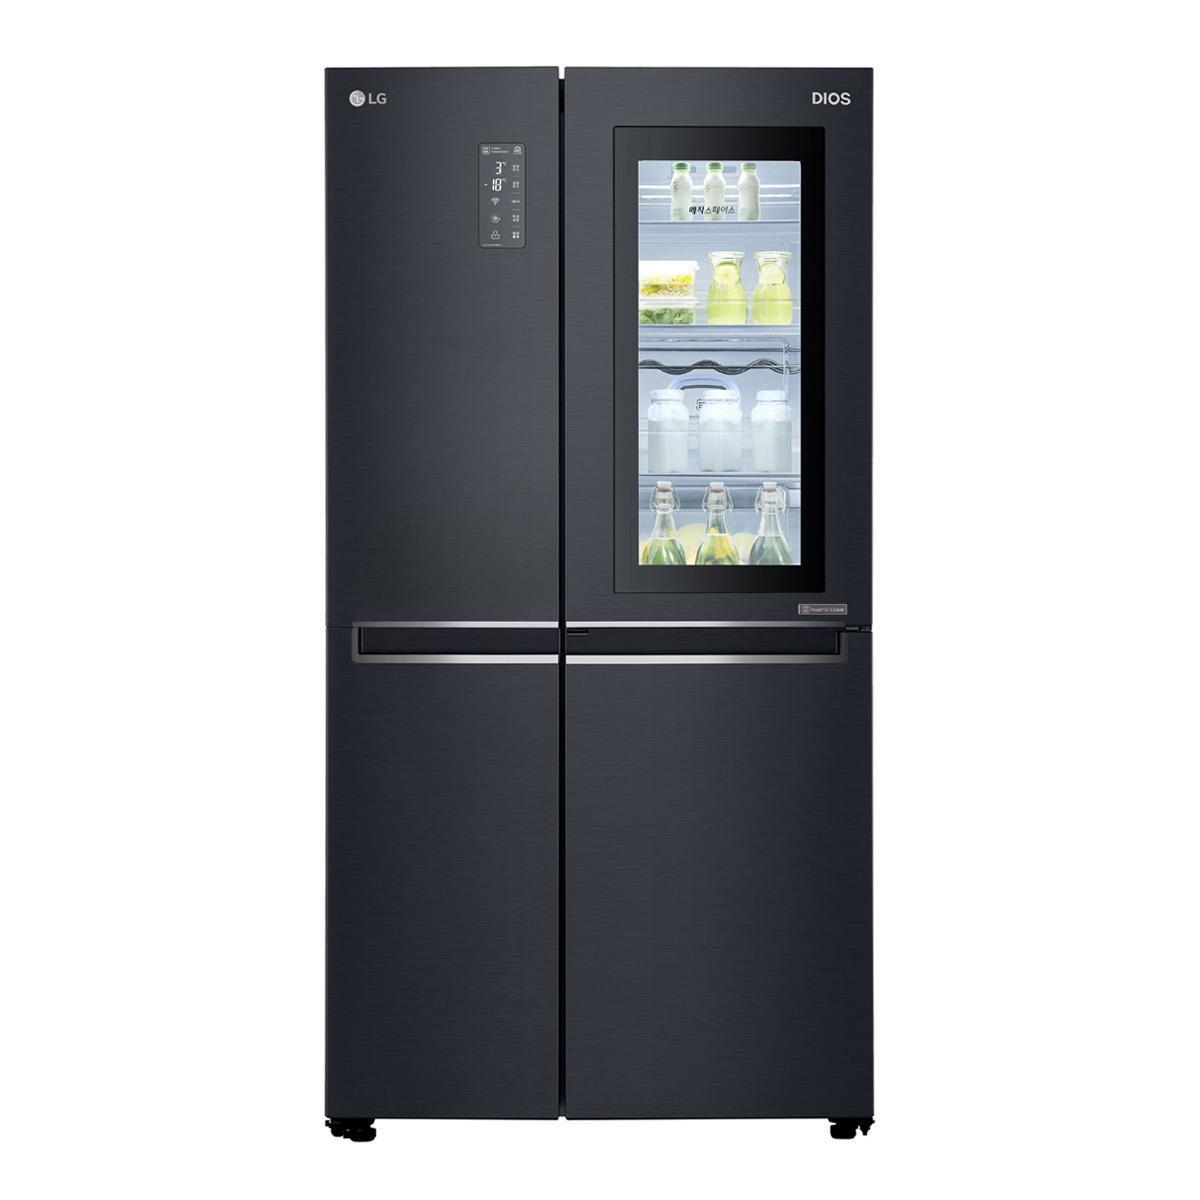 엘지 디오스 노크온 매직스페이스 냉장고 636L S631MC75Q